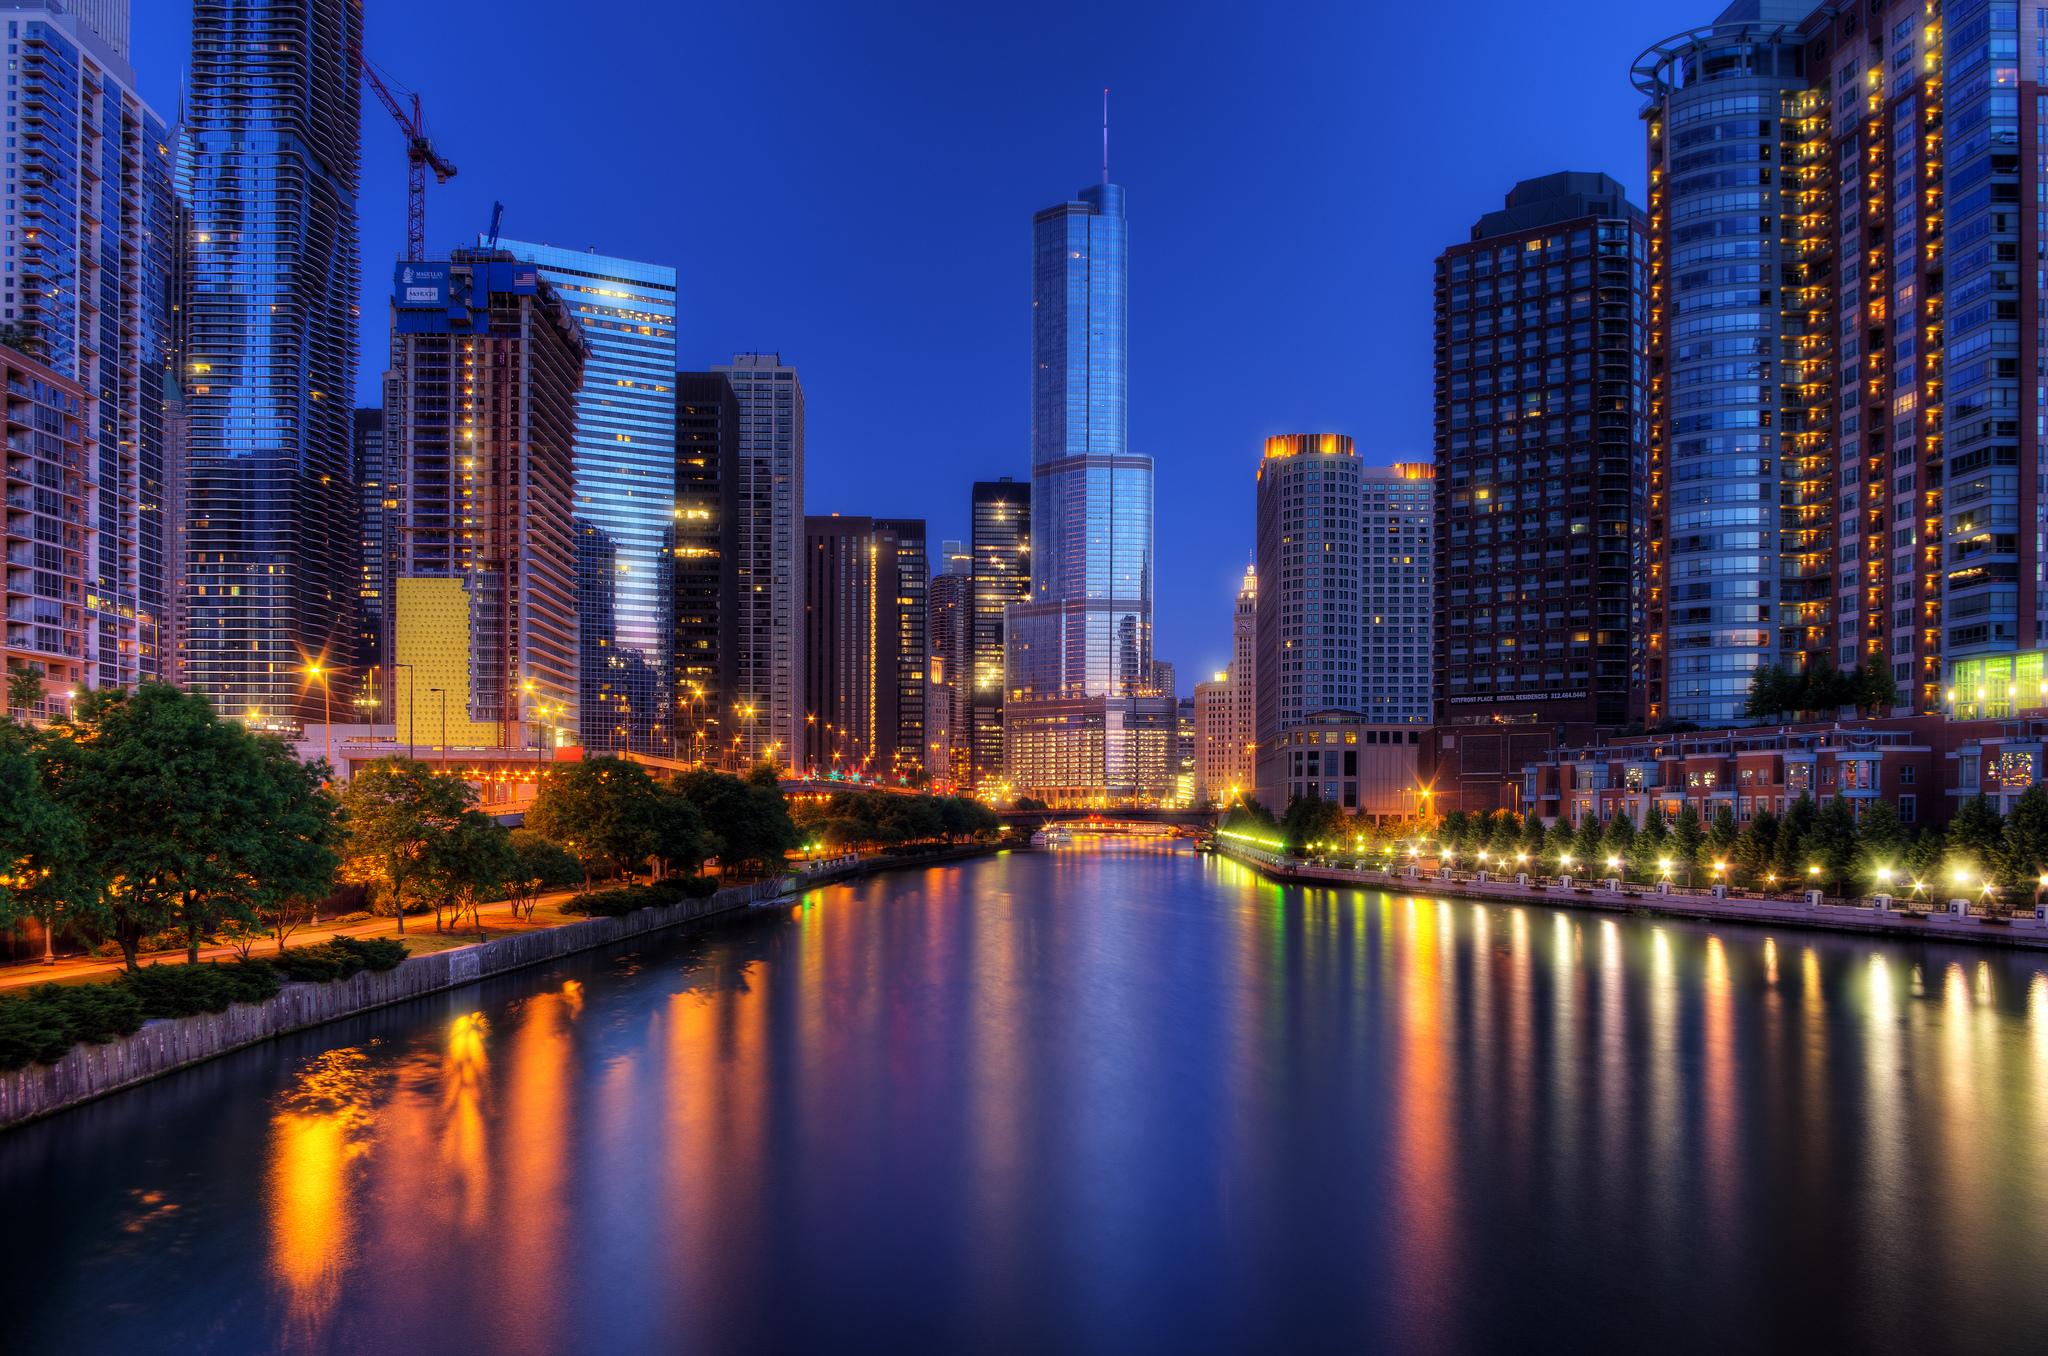 Ночной порт в Чикаго  № 3504458 загрузить